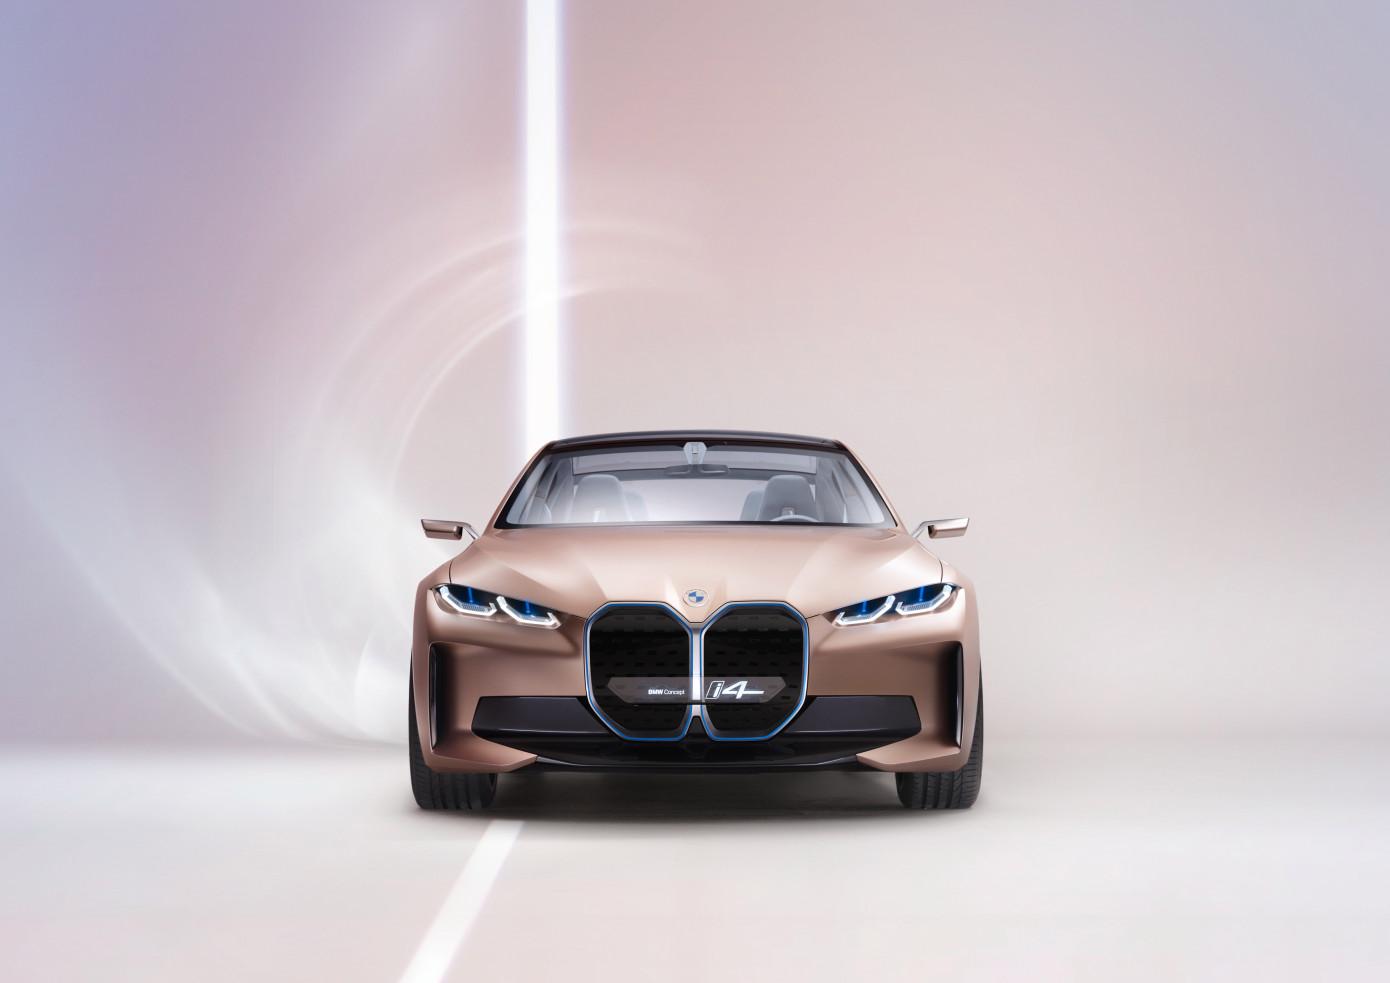 Bmw Concept I4 Tem Producao Prevista Para 2021 Carpoint News